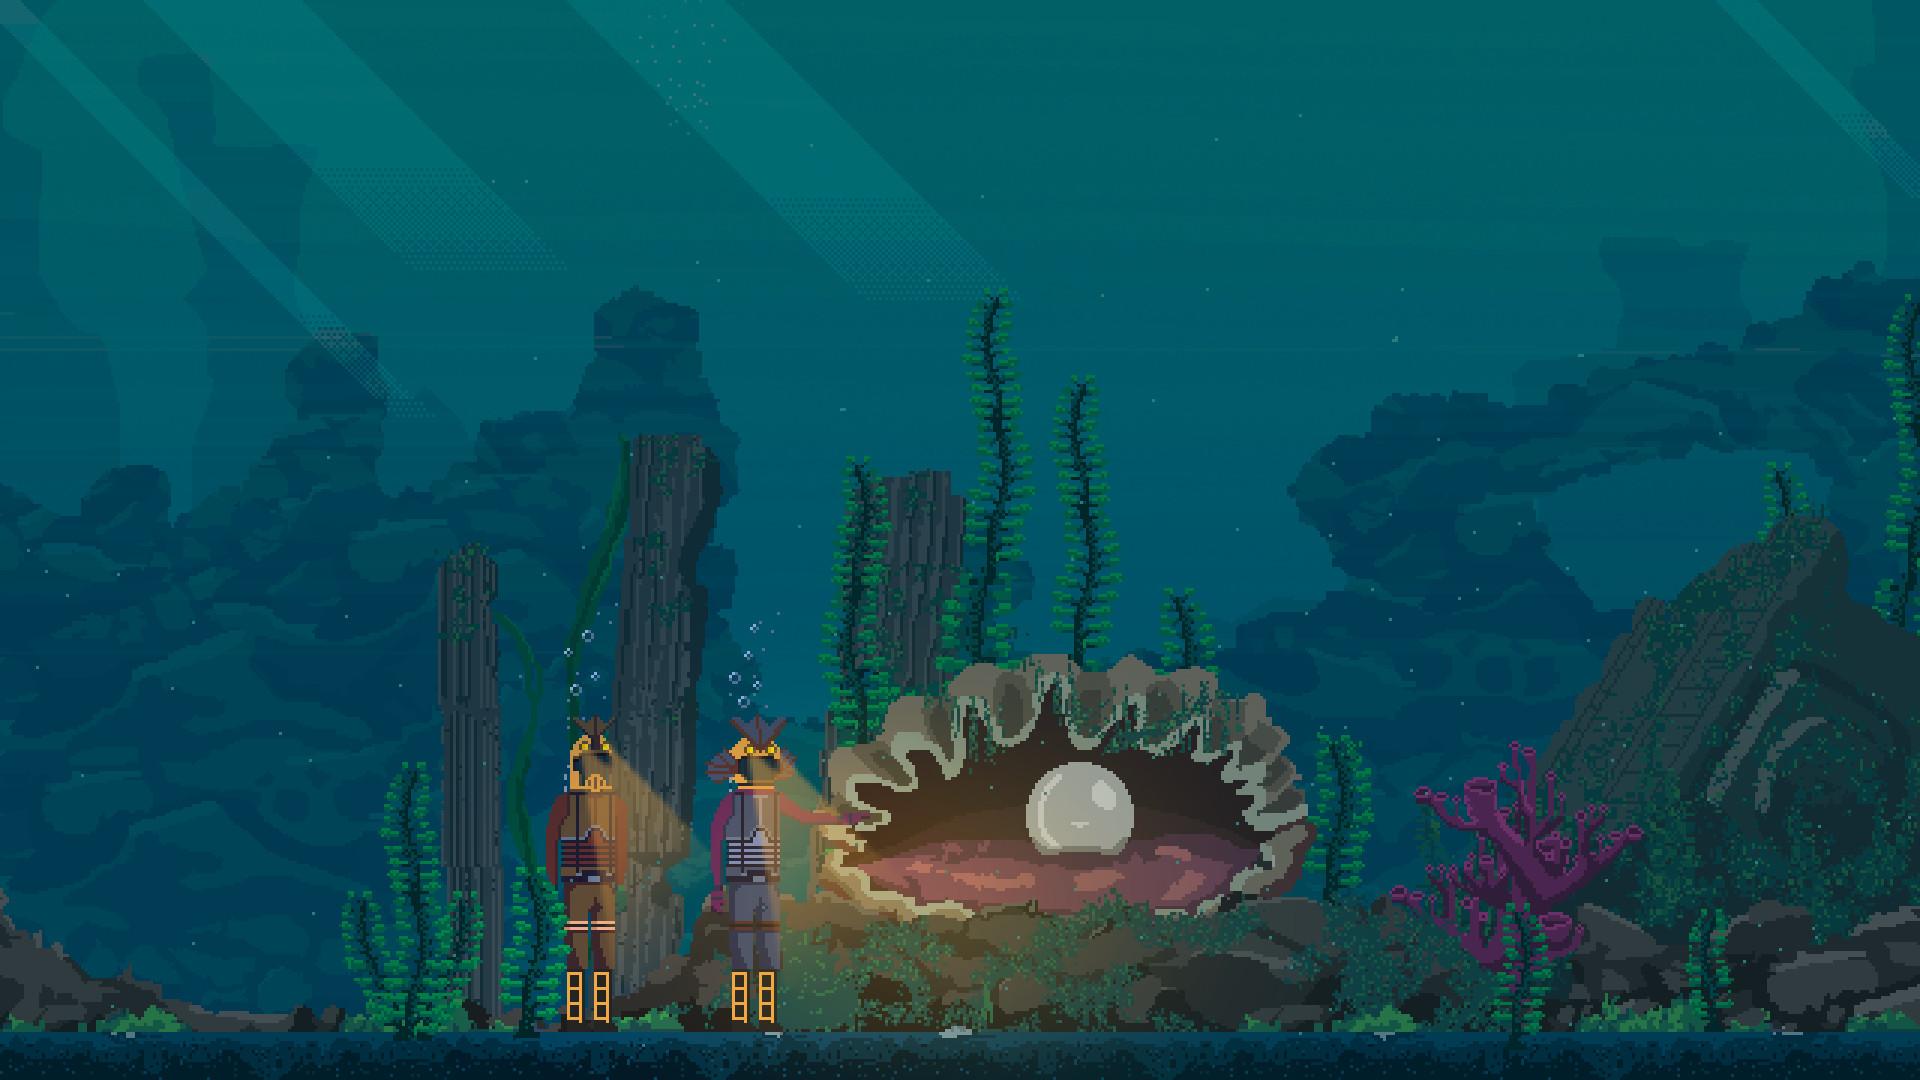 凡尔纳:幻想物语图片